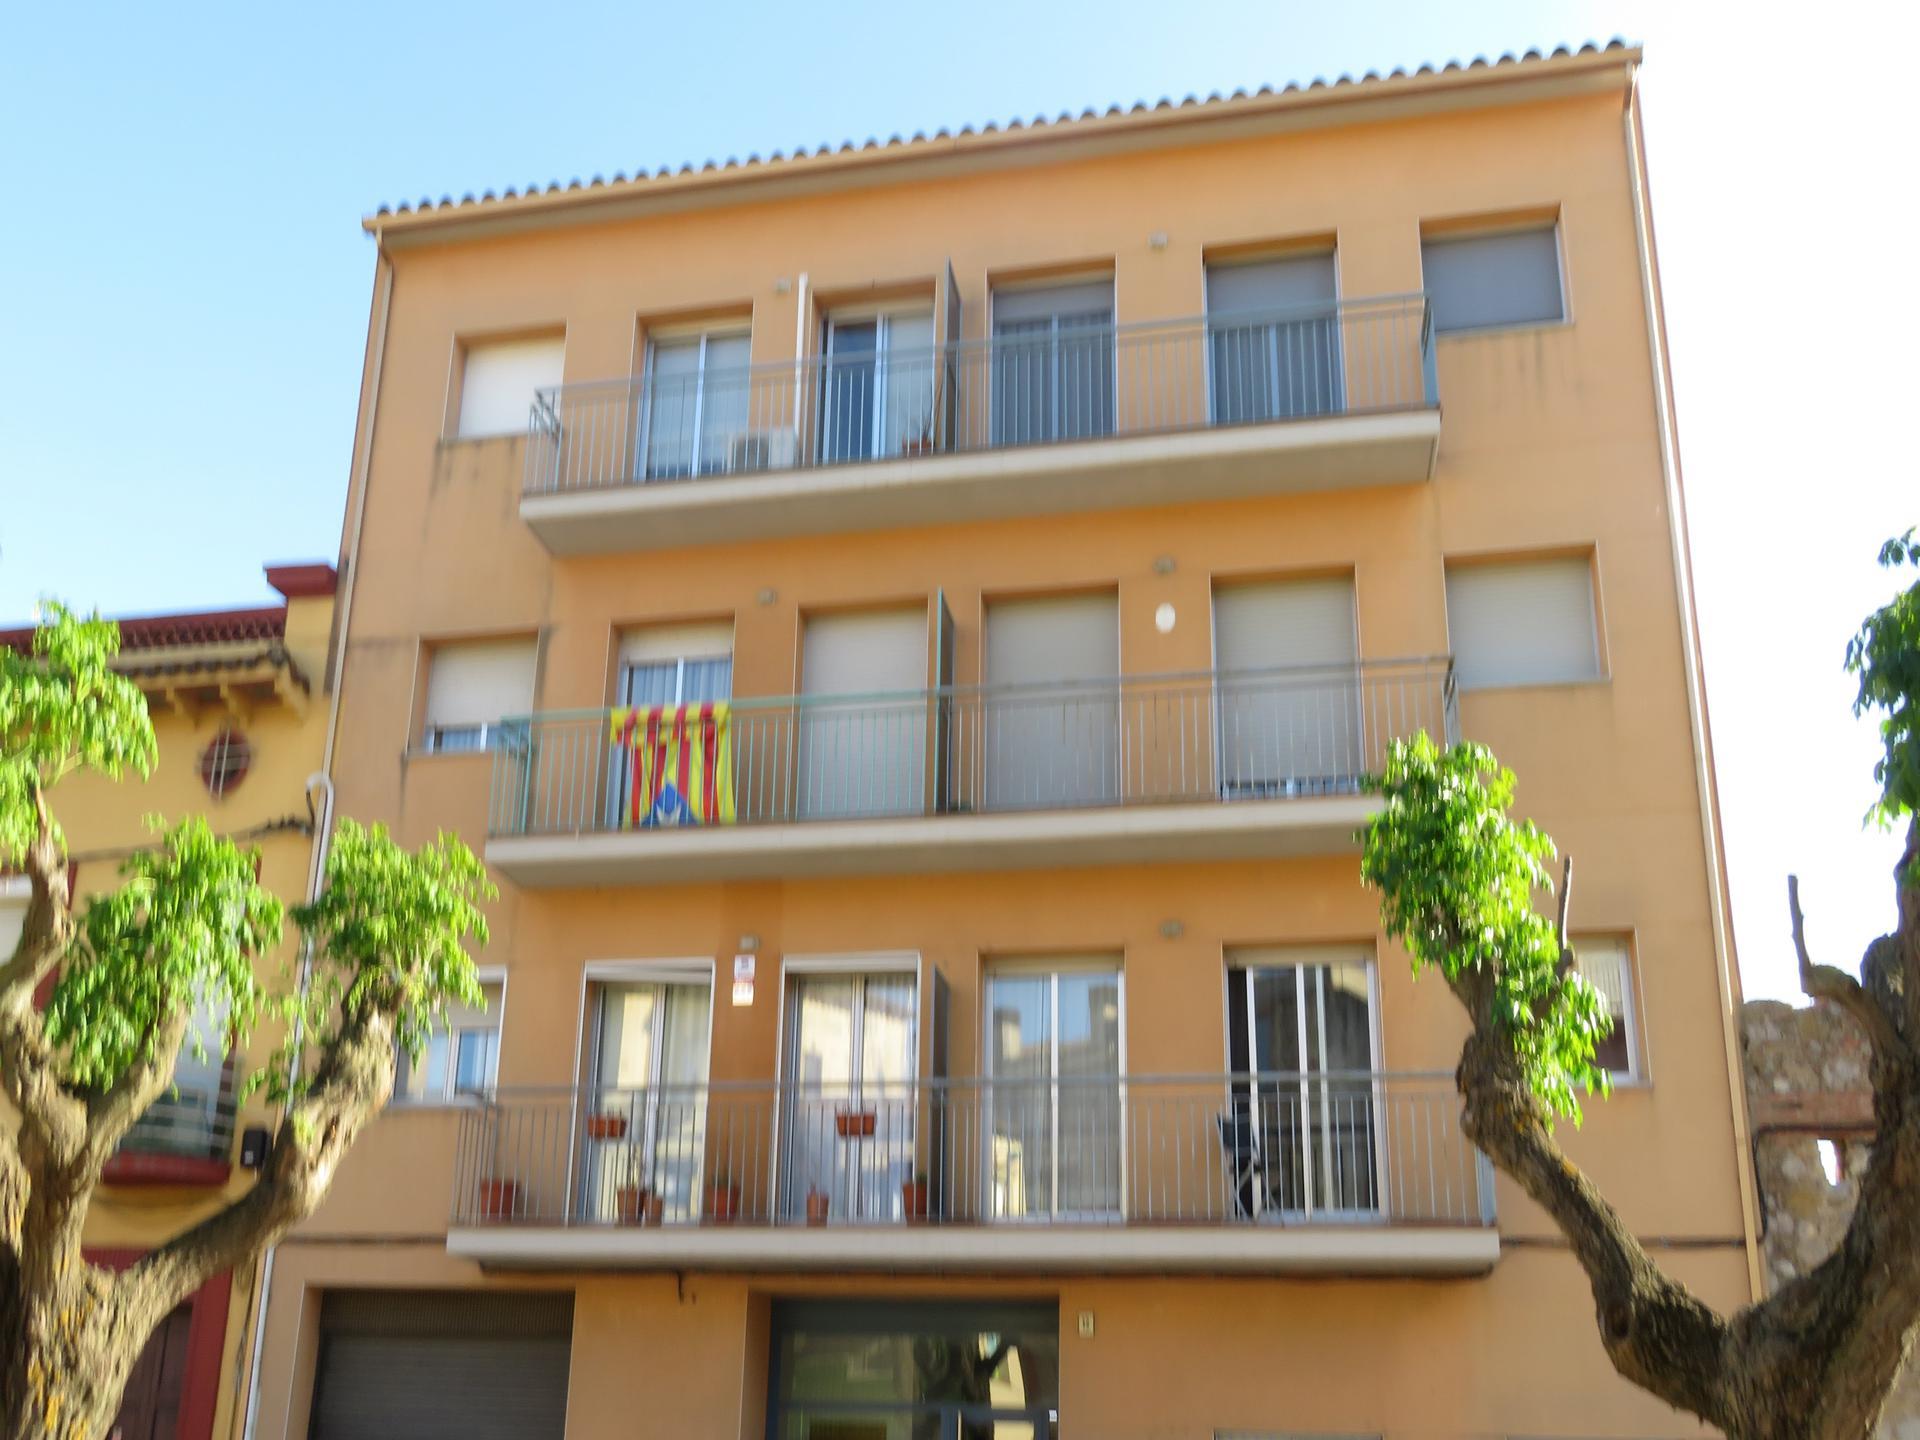 Apartamento -                                       Torroella De Montgrí -                                       2 dormitorios -                                       0 ocupantes